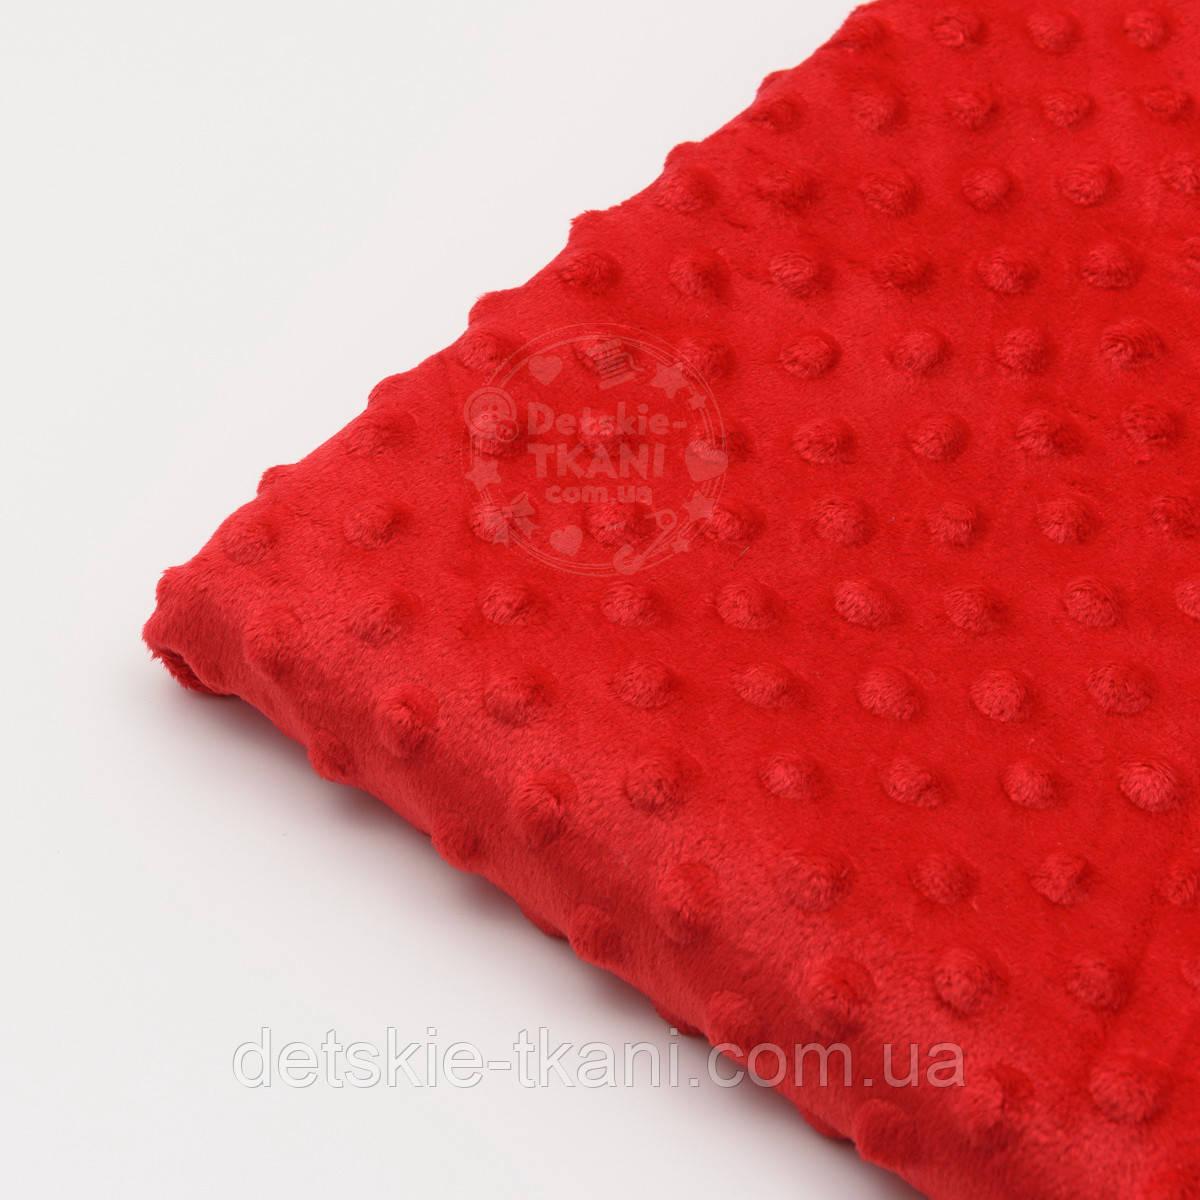 Отрез плюш minky М-23 размером 100*80 см красного цвета